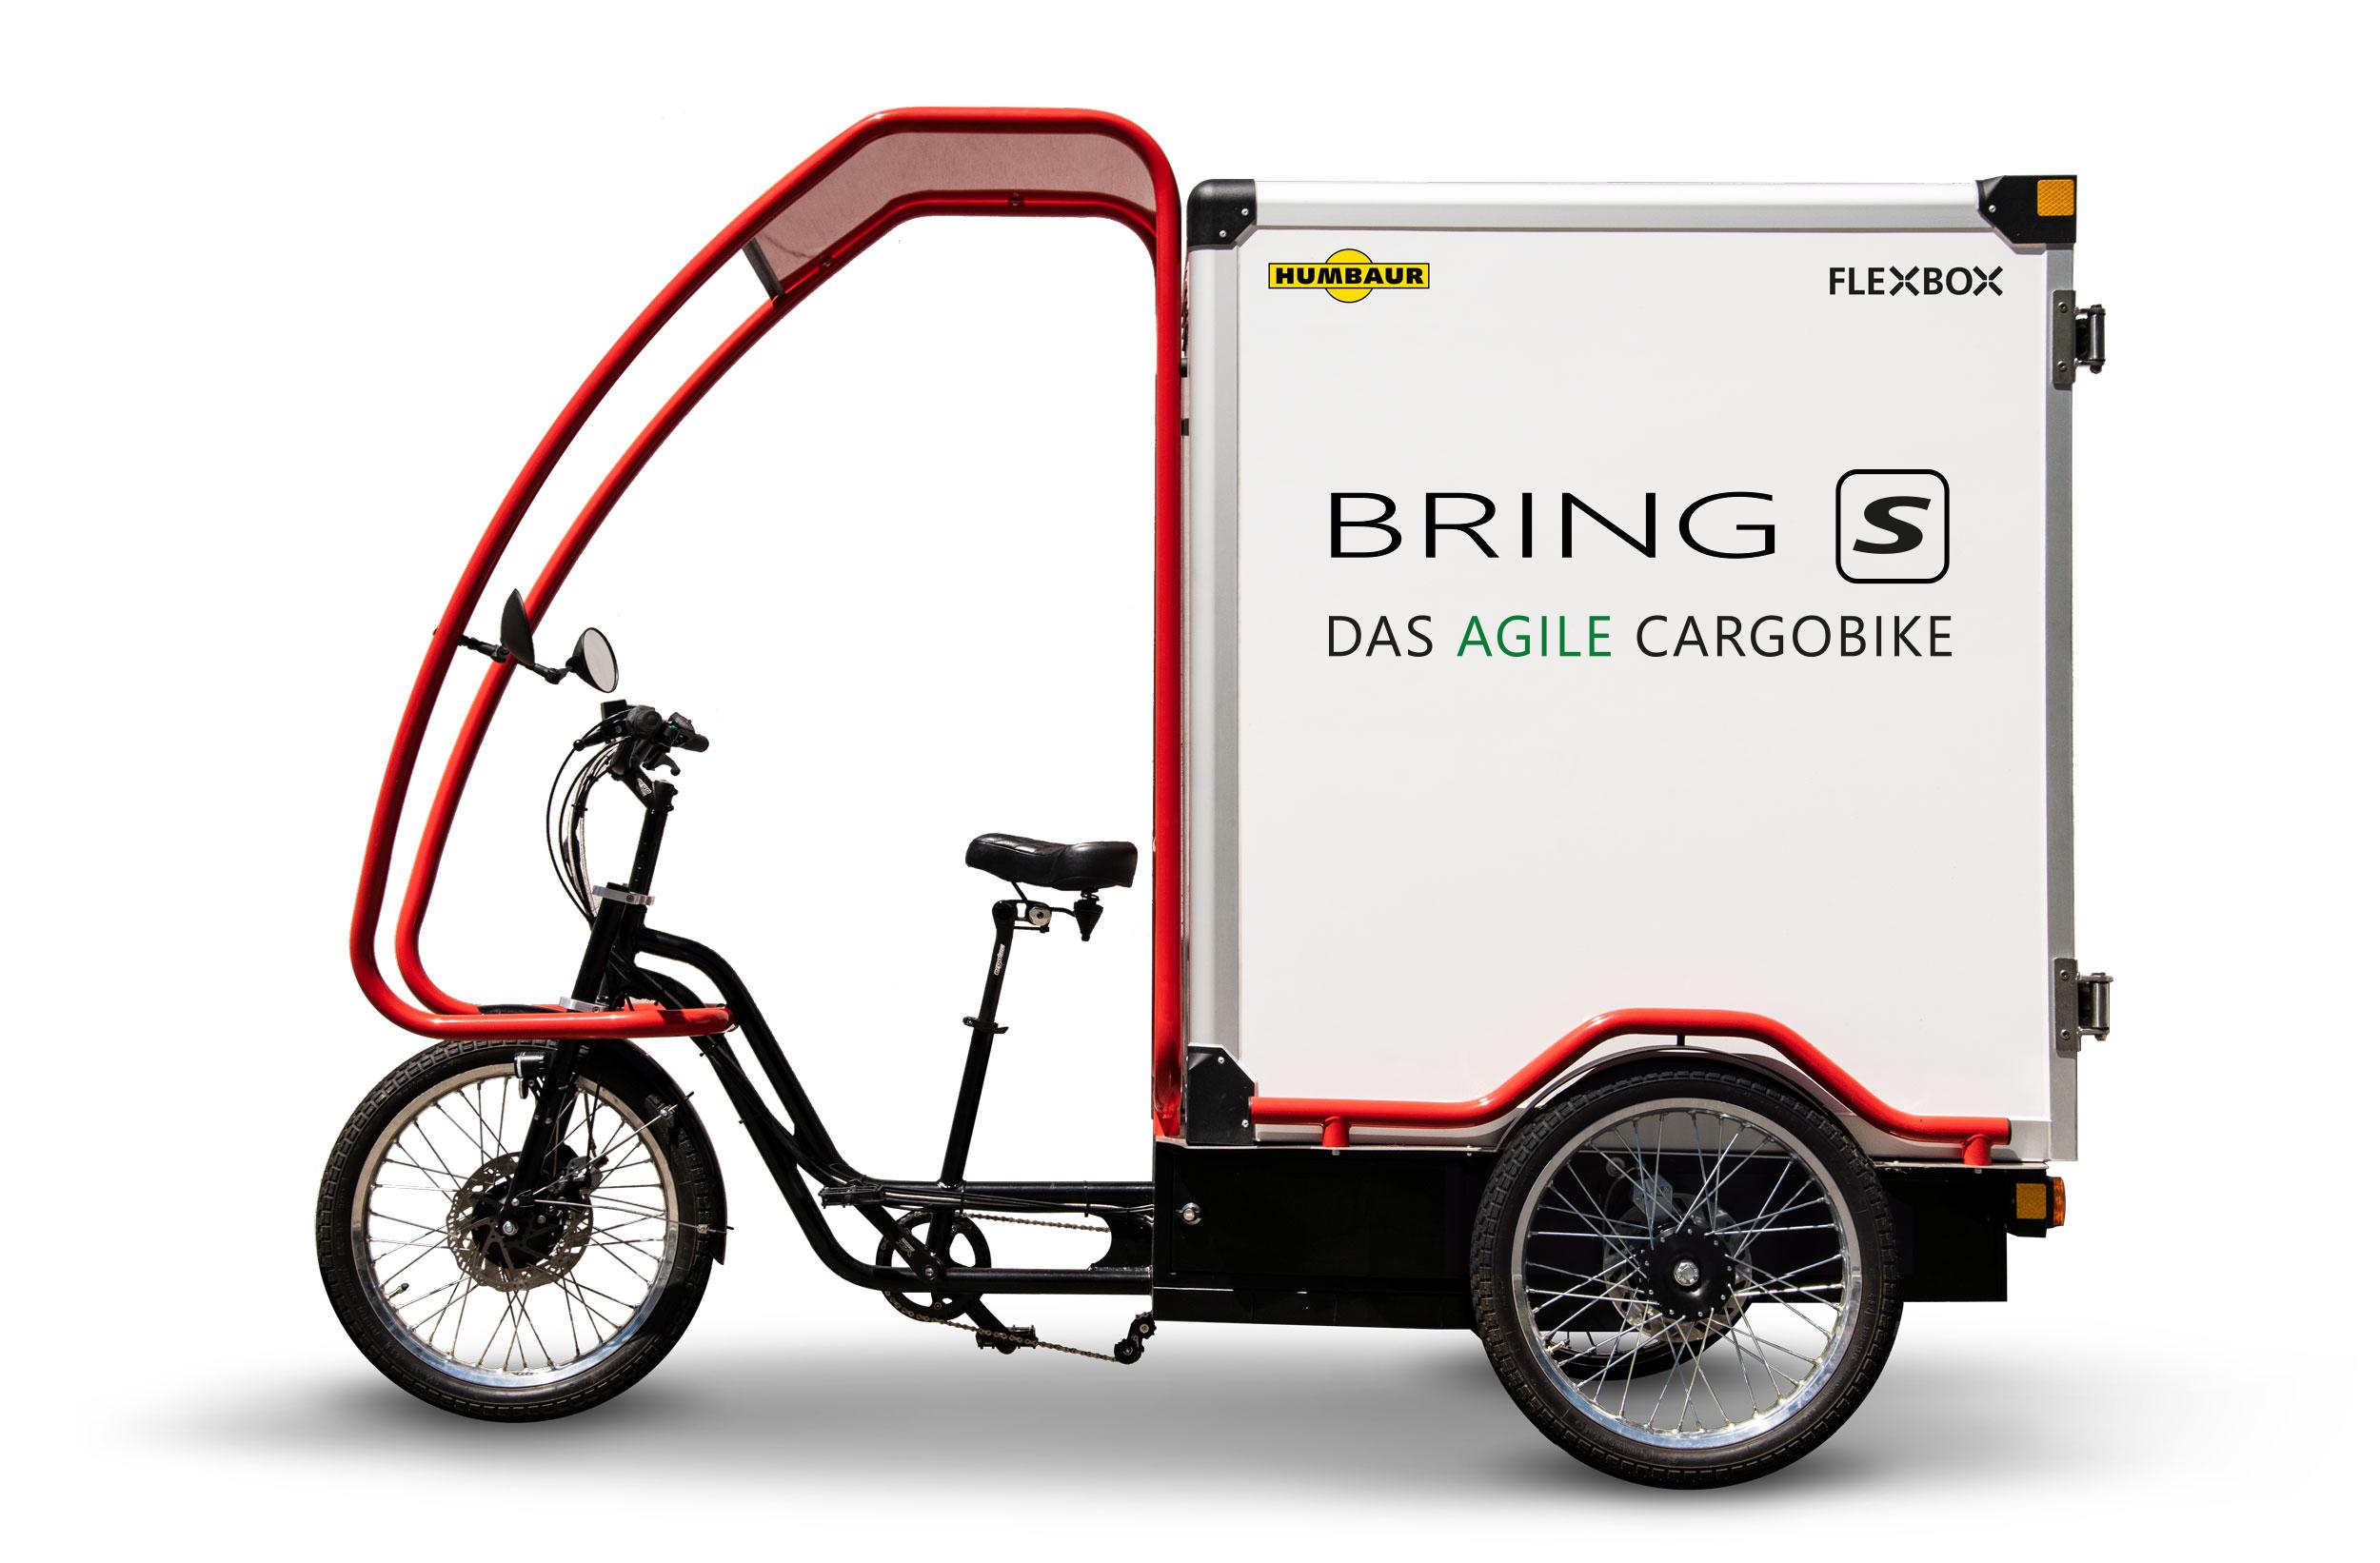 BRING S - BASIS: Pick-Up - mit Dual Motor Antriebssystem 48 V, 222 Nm, Nabenschaltung Nexus